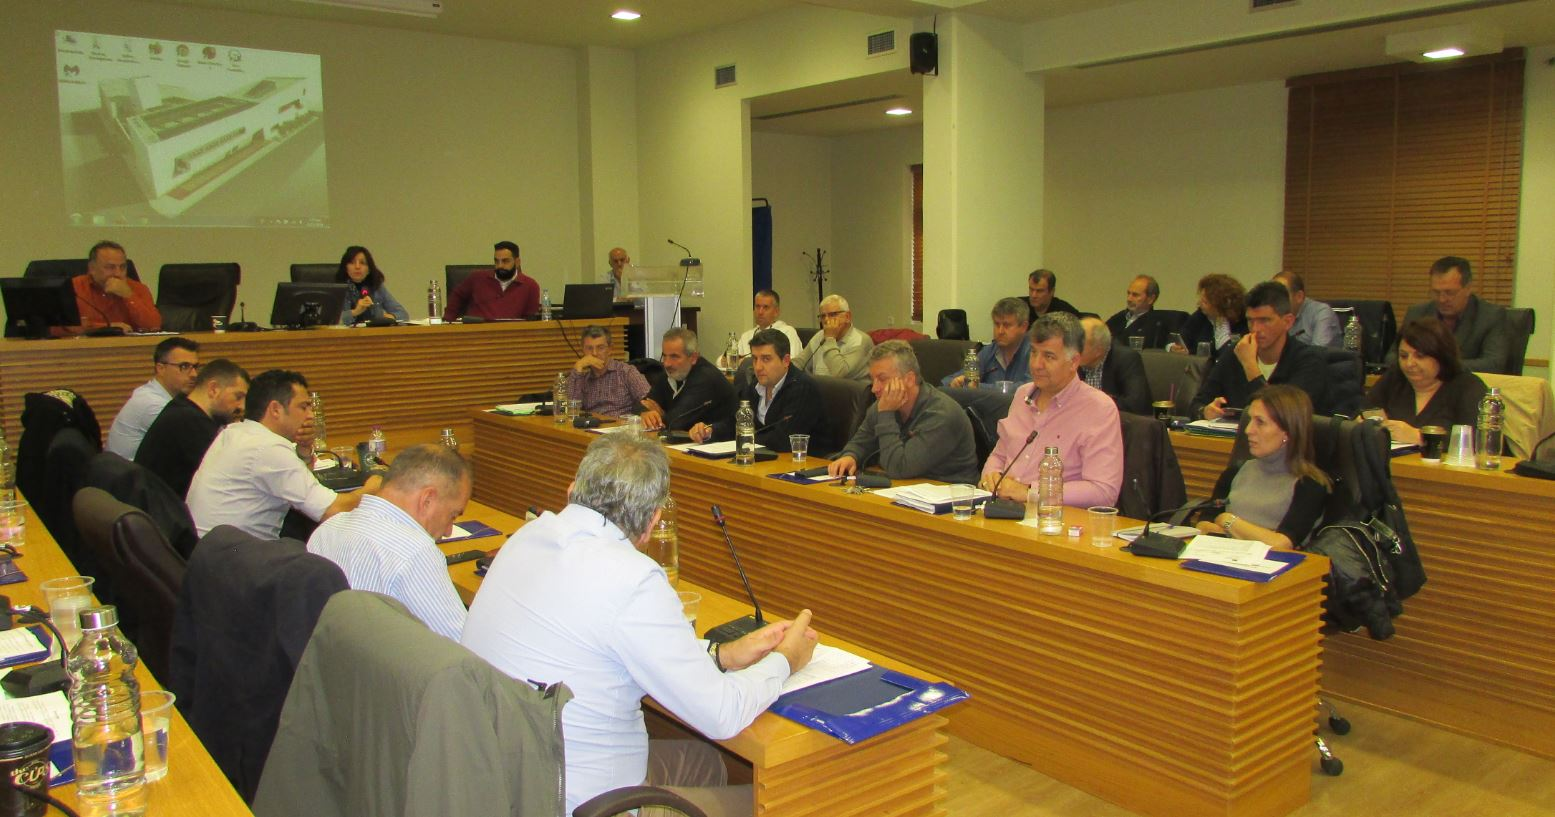 Συνεδριάσεις του Δημοτικού Συμβουλίου Κοζάνης, τη Δευτέρα 16 Δεκεμβρίου και ώρα 19.00 και 20.30